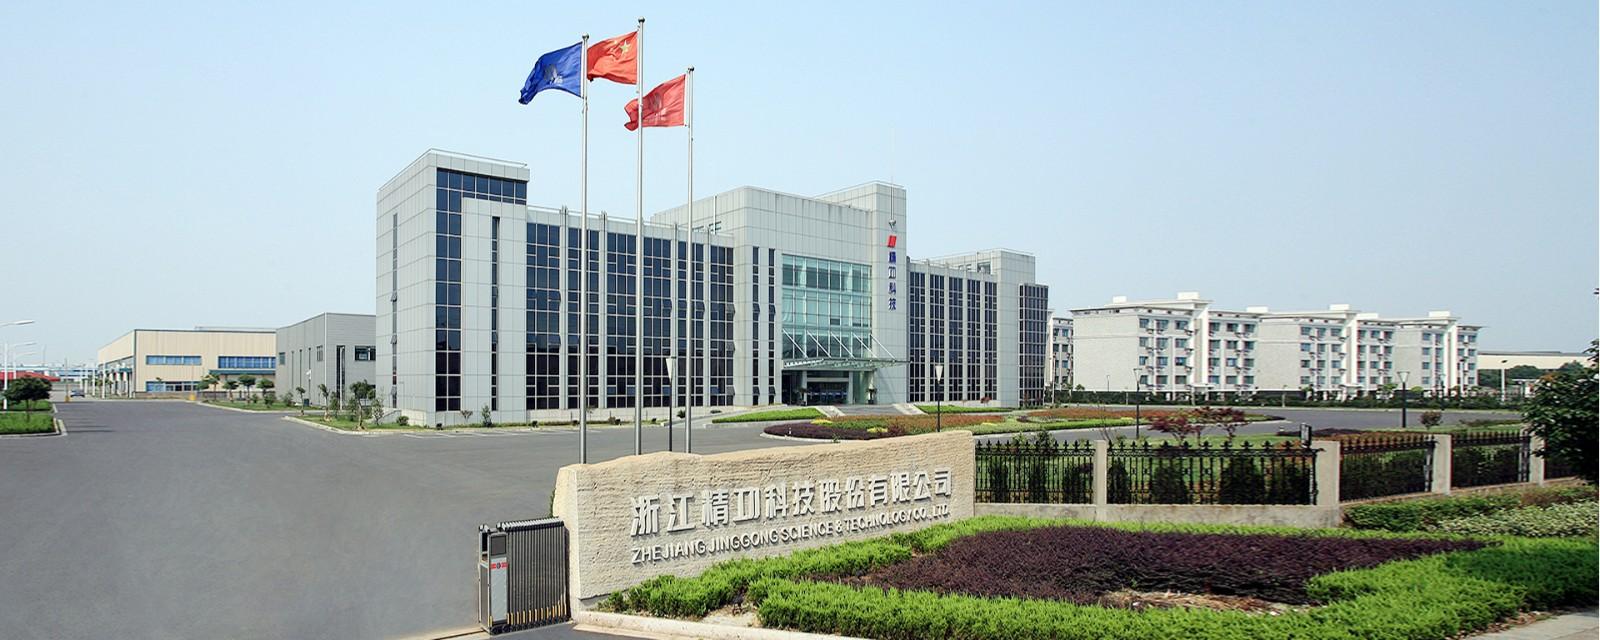 ZHEJIANG JINGGONG SCIENCE & TECHNOLOGY CO., LTD.